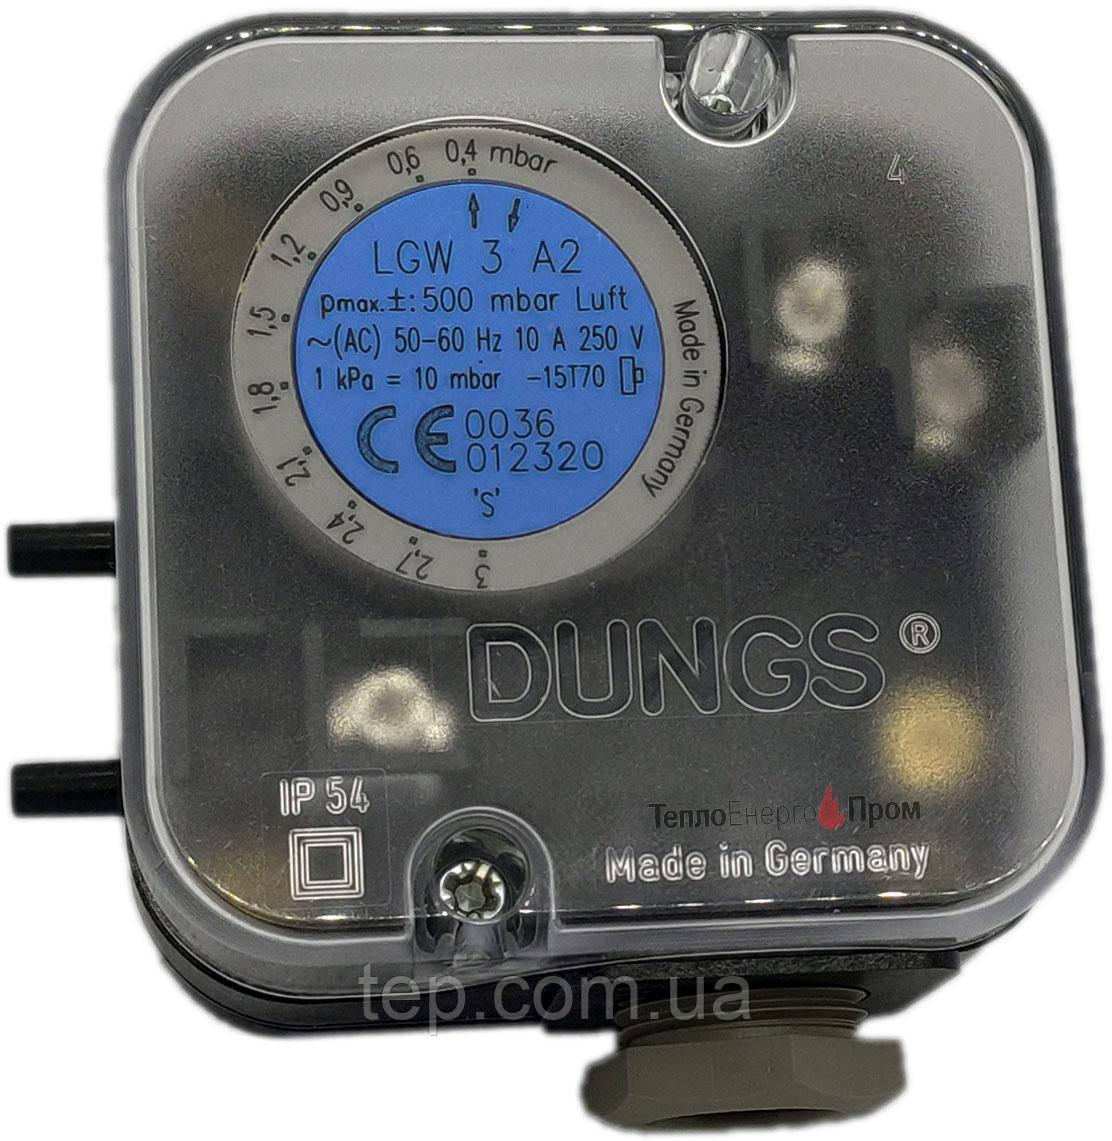 Датчик давления Dungs LGW 3 A2 (Пресостат LGW3 A2)